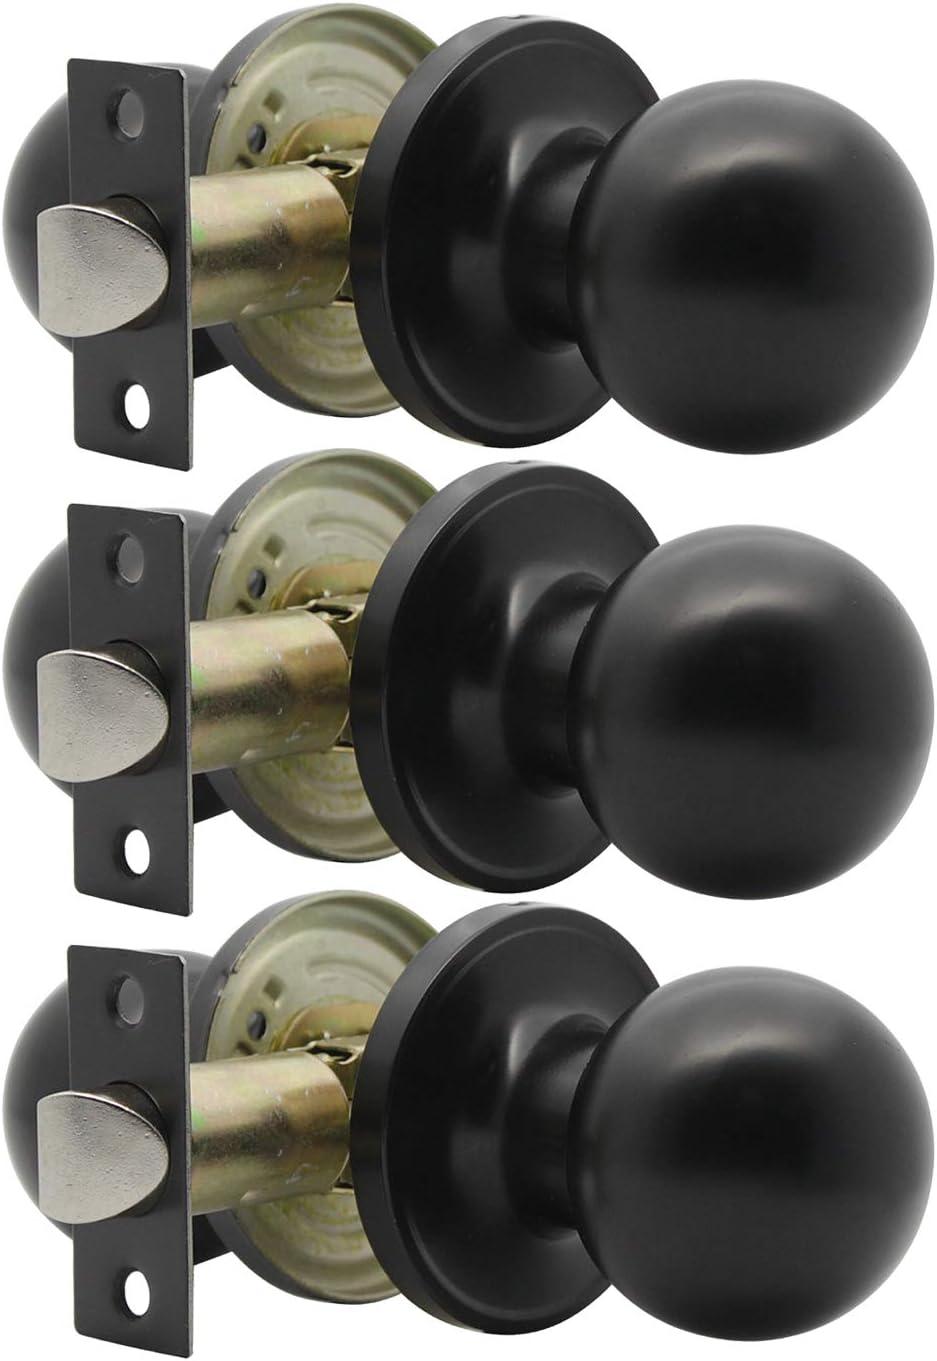 Ball Sichtschutz Badezimmer 607 matt schwarz Schlafzimmer T/ürgriff f/ür Innenraum T/ürknauf aus massivem Stahl